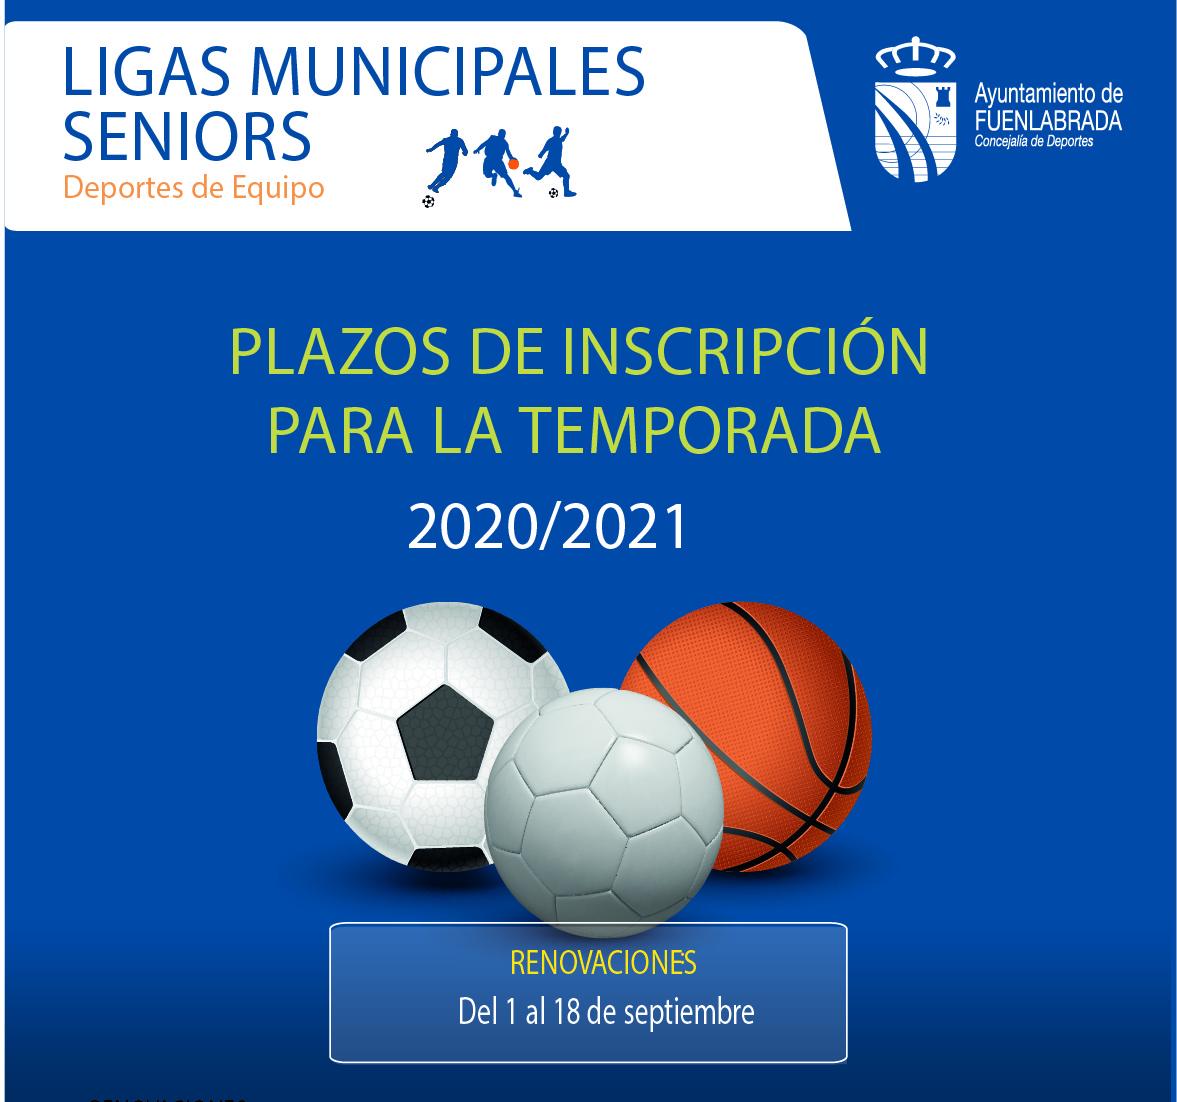 Haz click para acceder al las distintas sesiones deportivas #FuenlaDesdeCasa